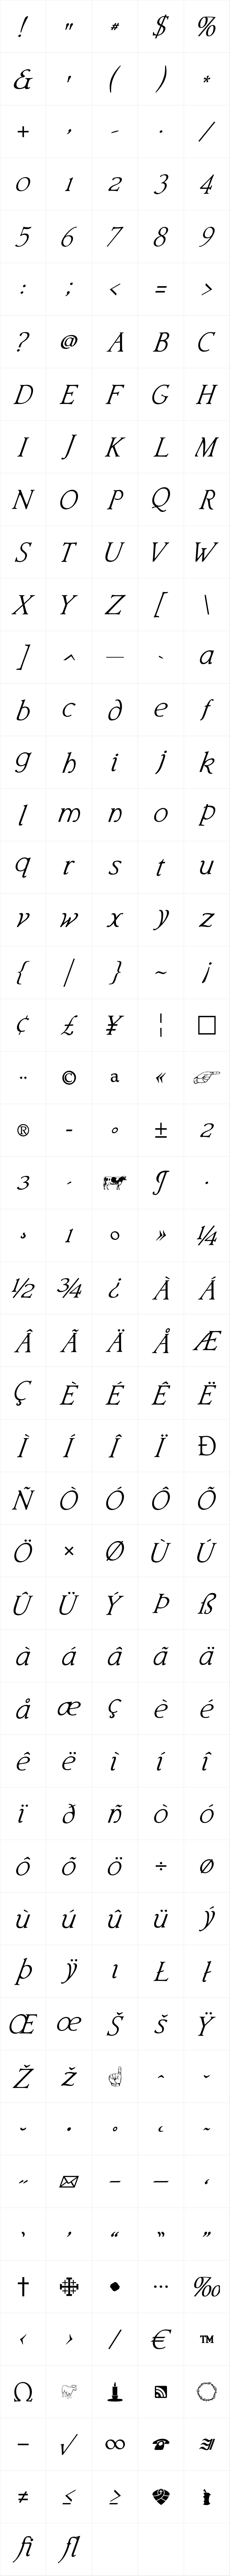 LibrumE Italic